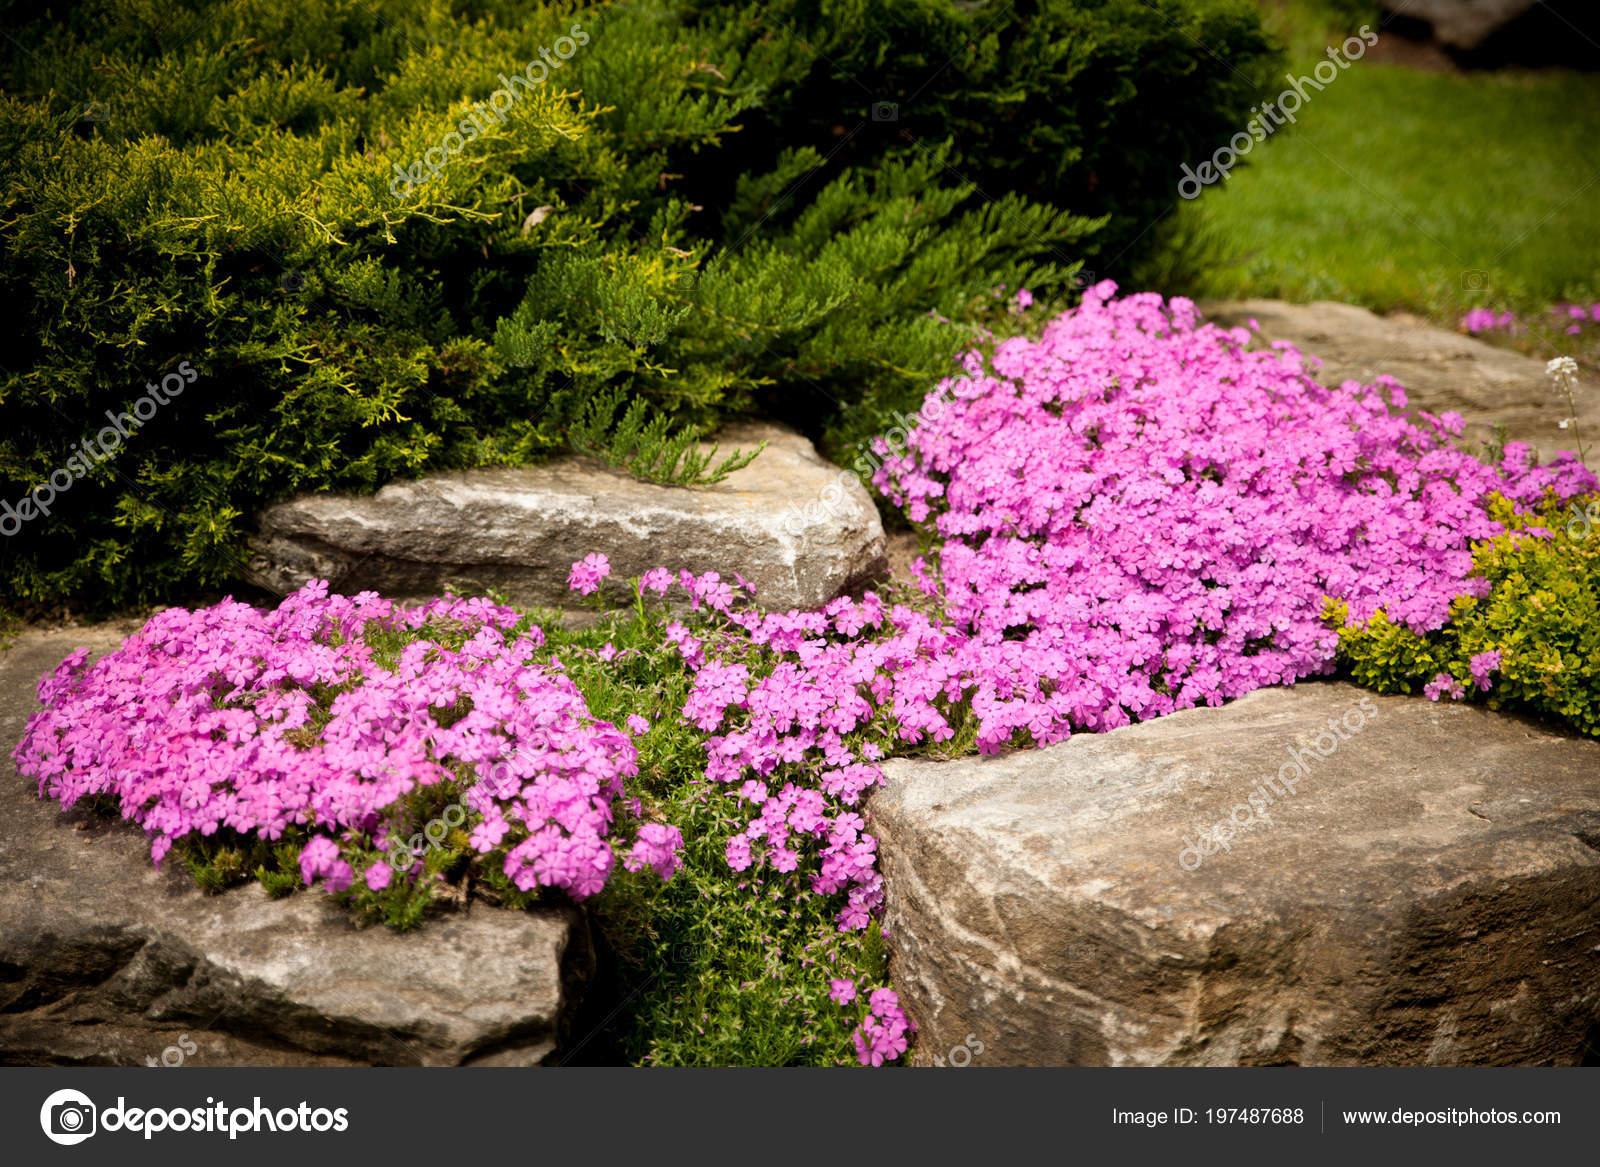 jardin de rocaille de fleurs au printemps diffrents arbustes et fleurs fleurissant sur les rochers dans le parc image de samotrebizan